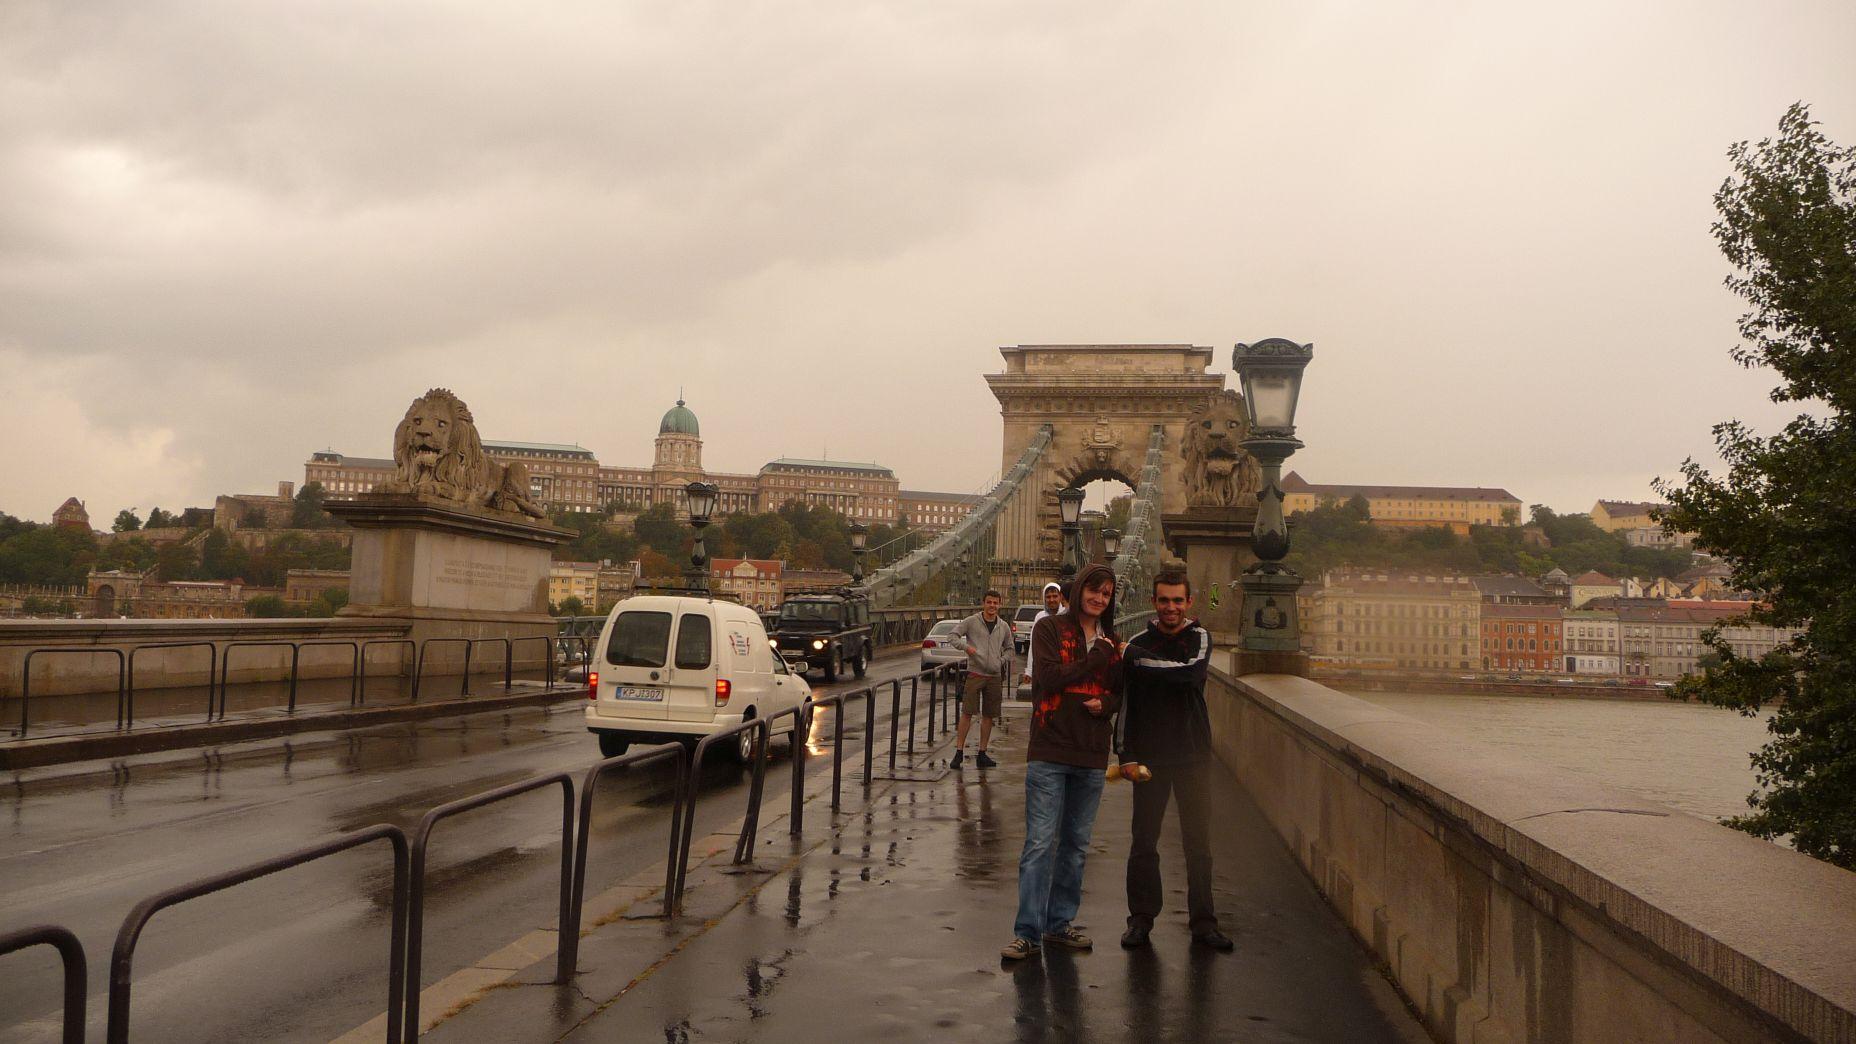 Węgry - Budapeszt część 2 - zdjęcia, atrakcje